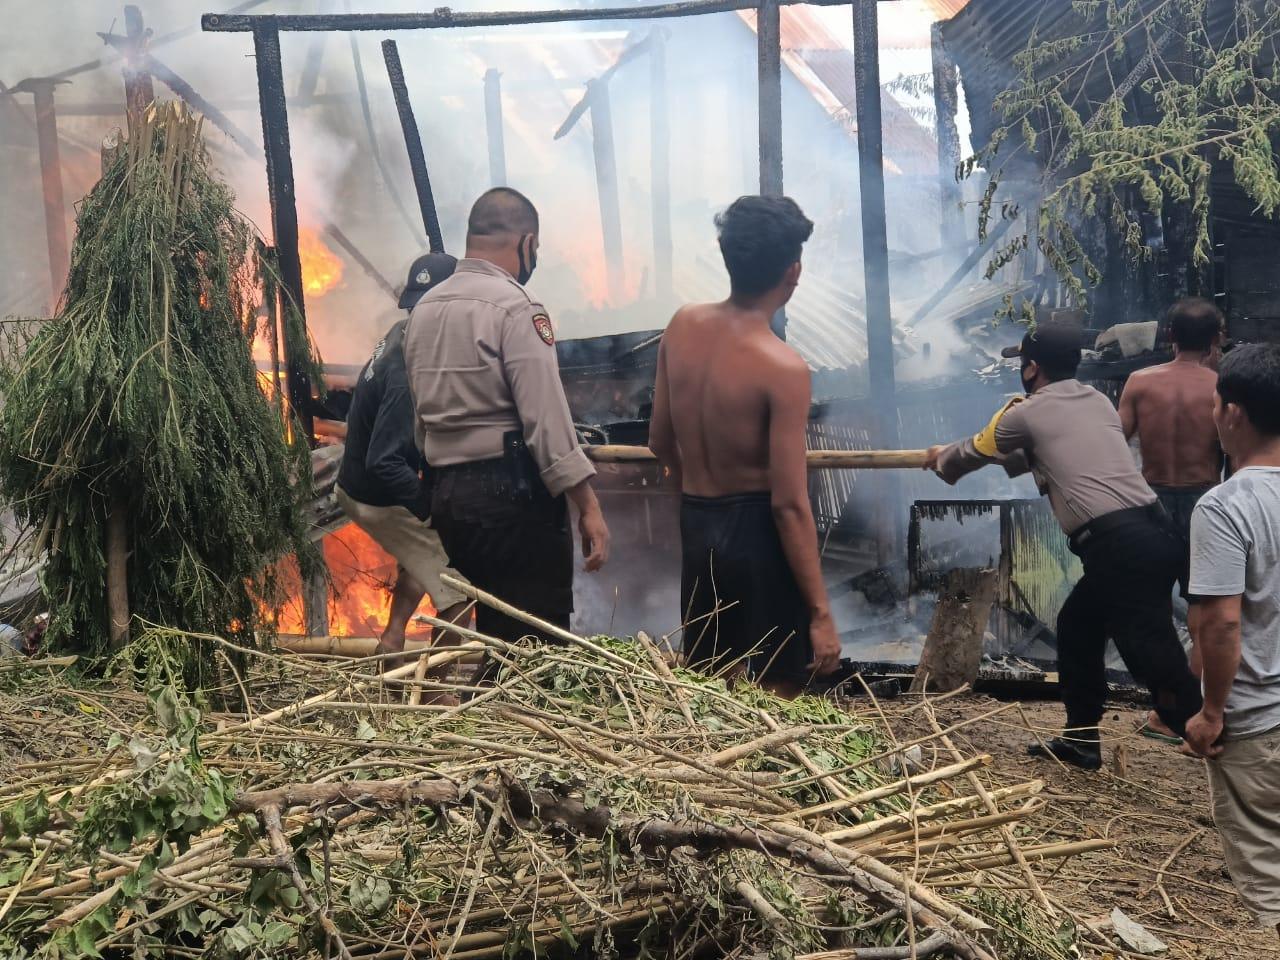 Gambar Polisi Bantu Evakuasi Kebakaran di Dusun Porendeang Majene